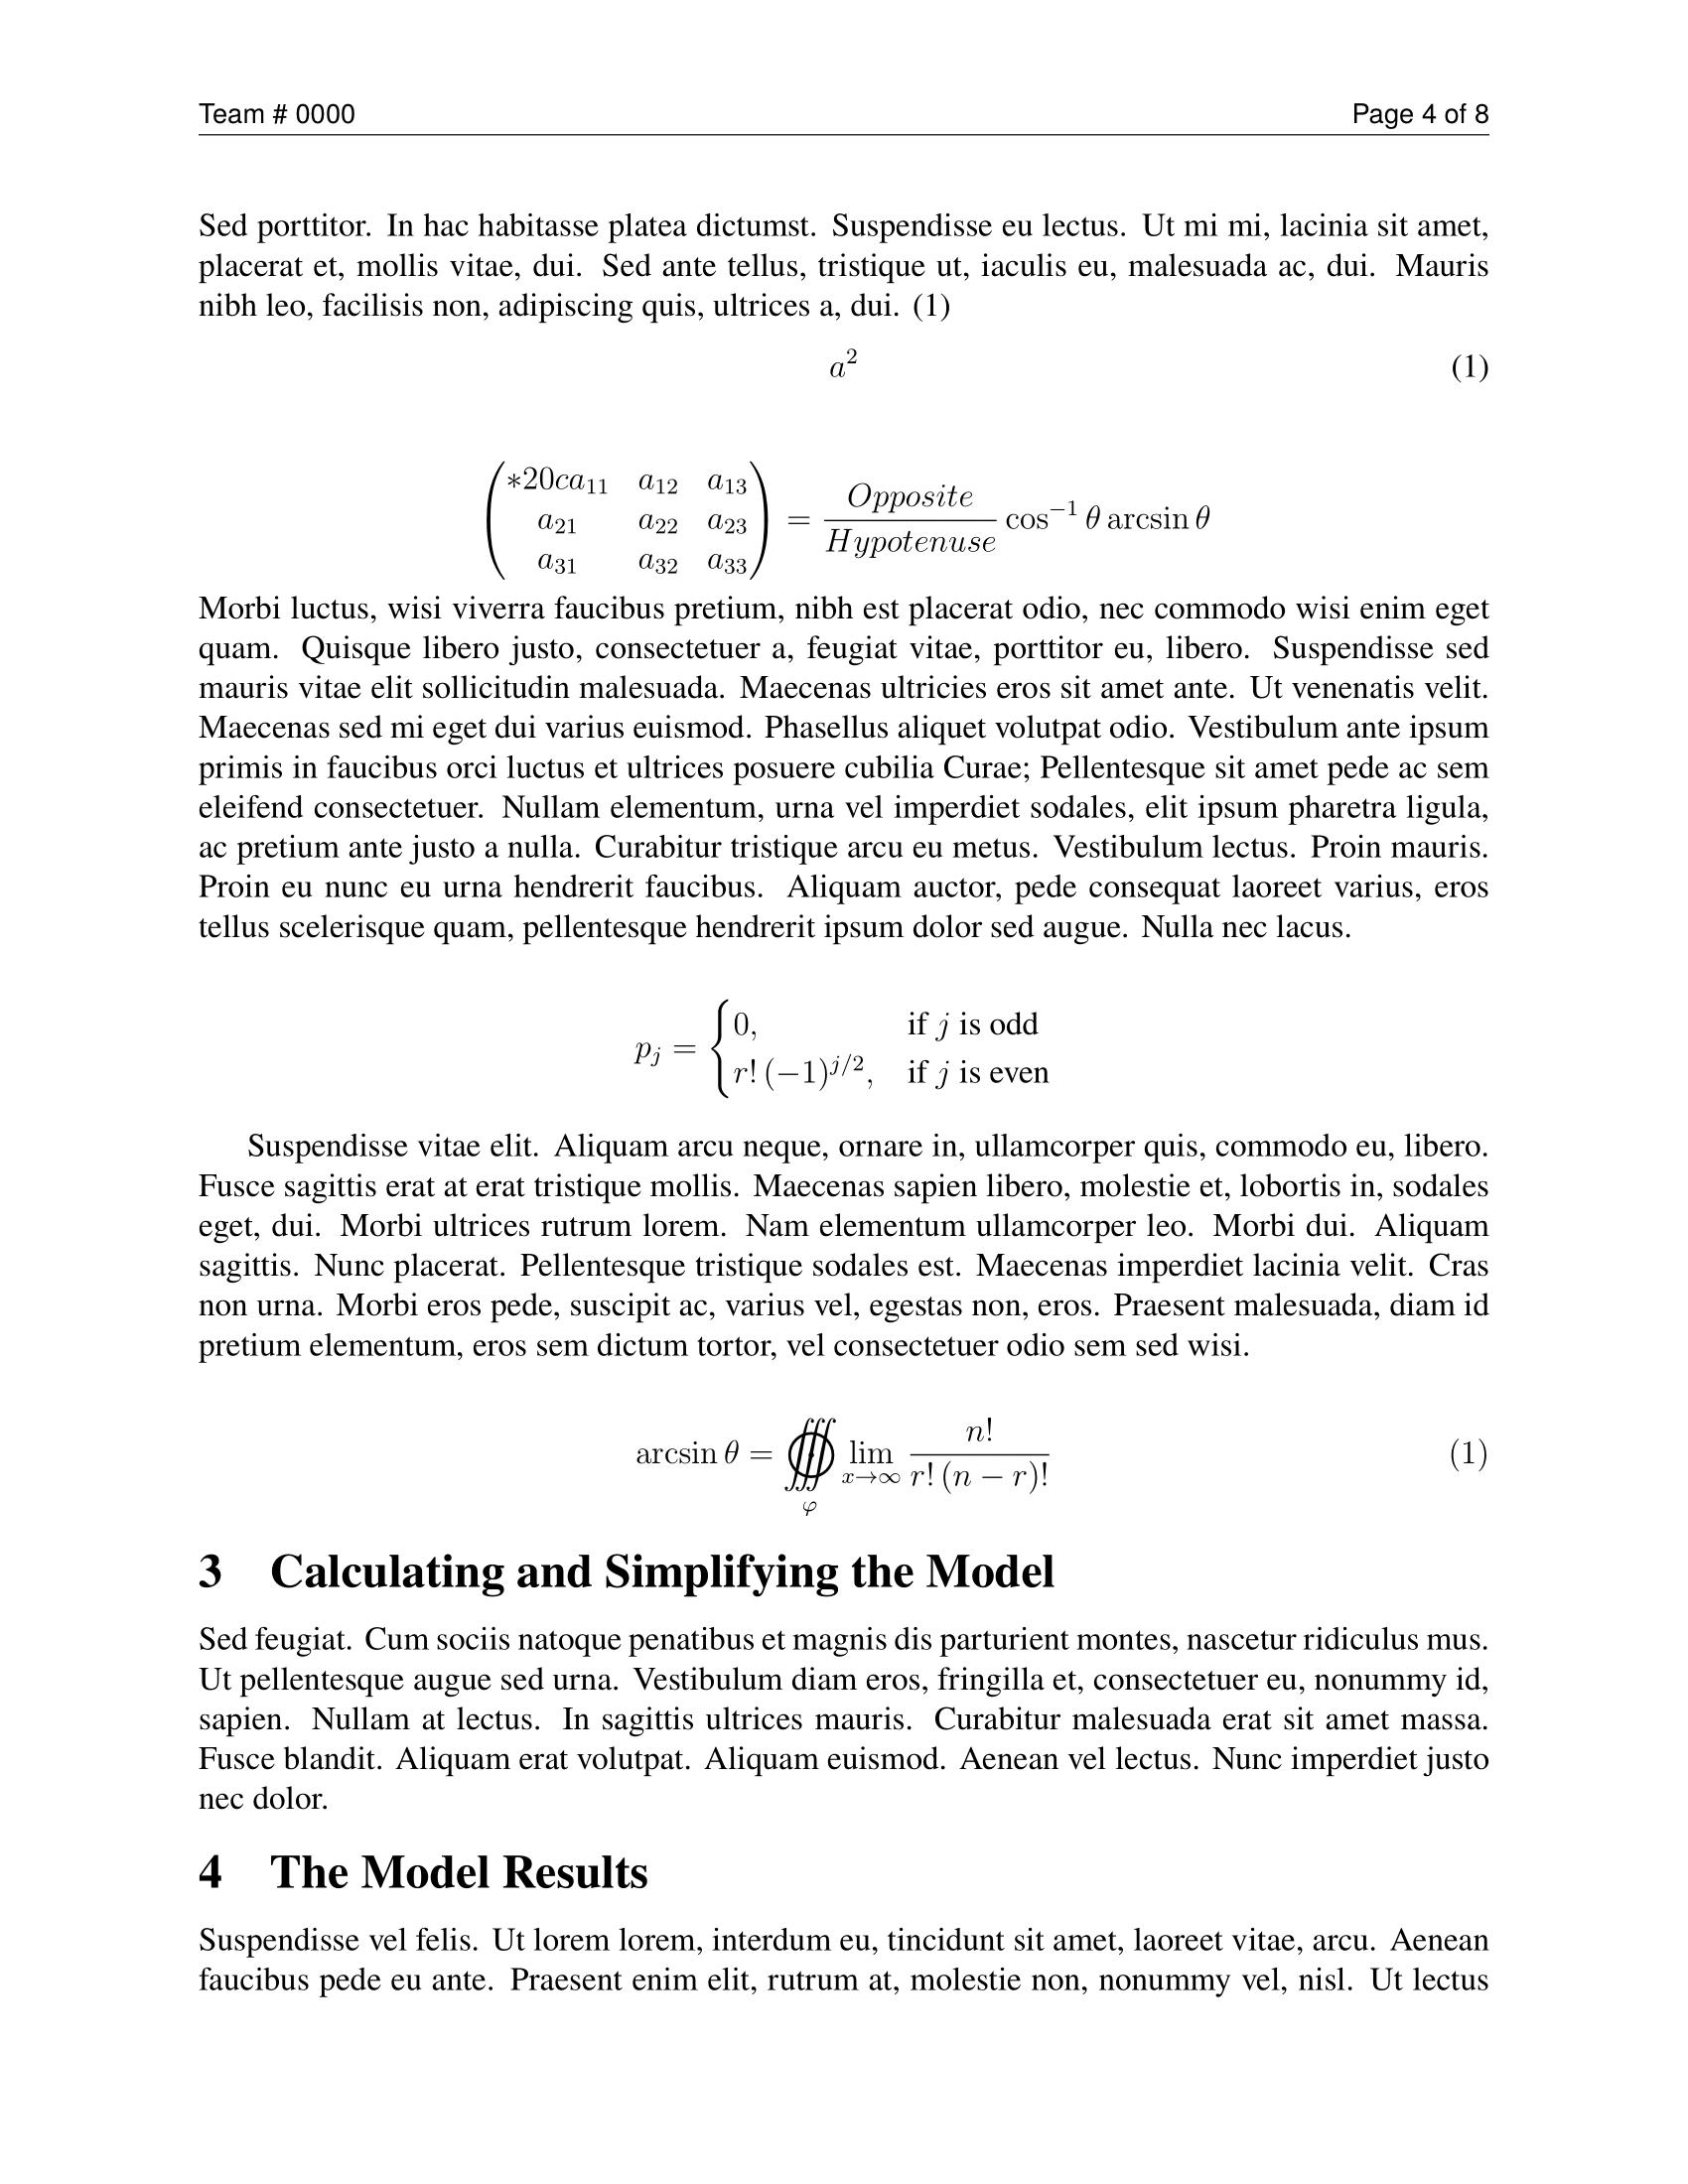 美国数学建模 2021 年更新版本 6.3.1